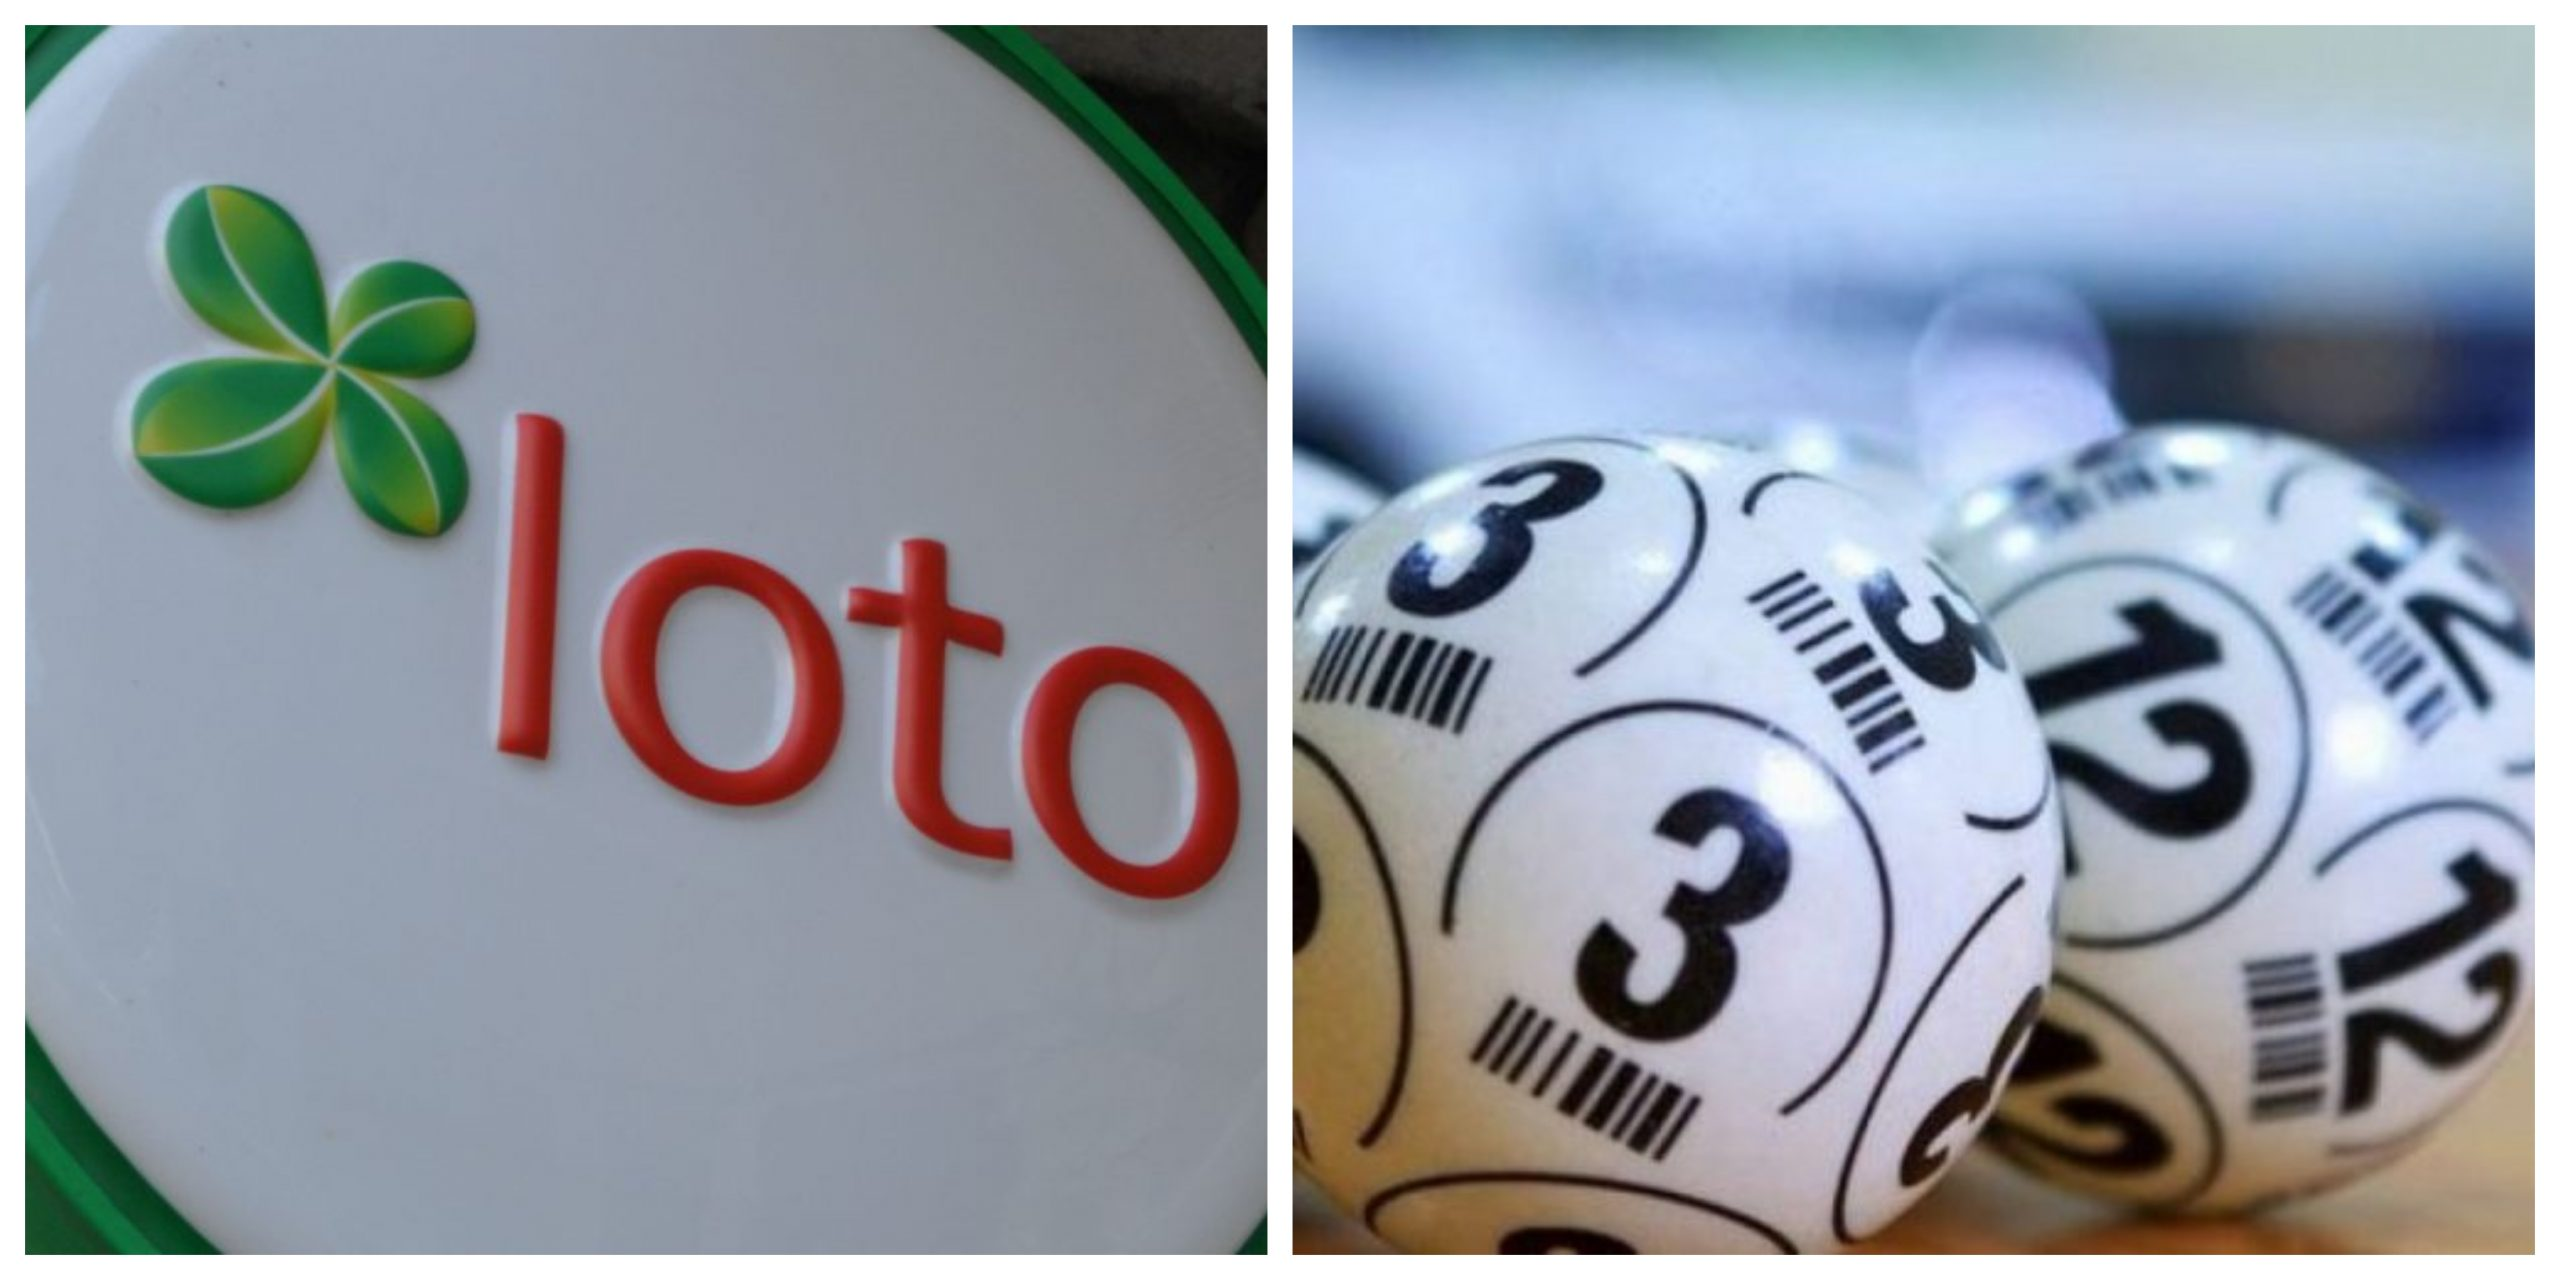 Loto 5 noiembrie 2020. Află dacă faci parte dintre câștigătorii de azi ai Loteriei Române